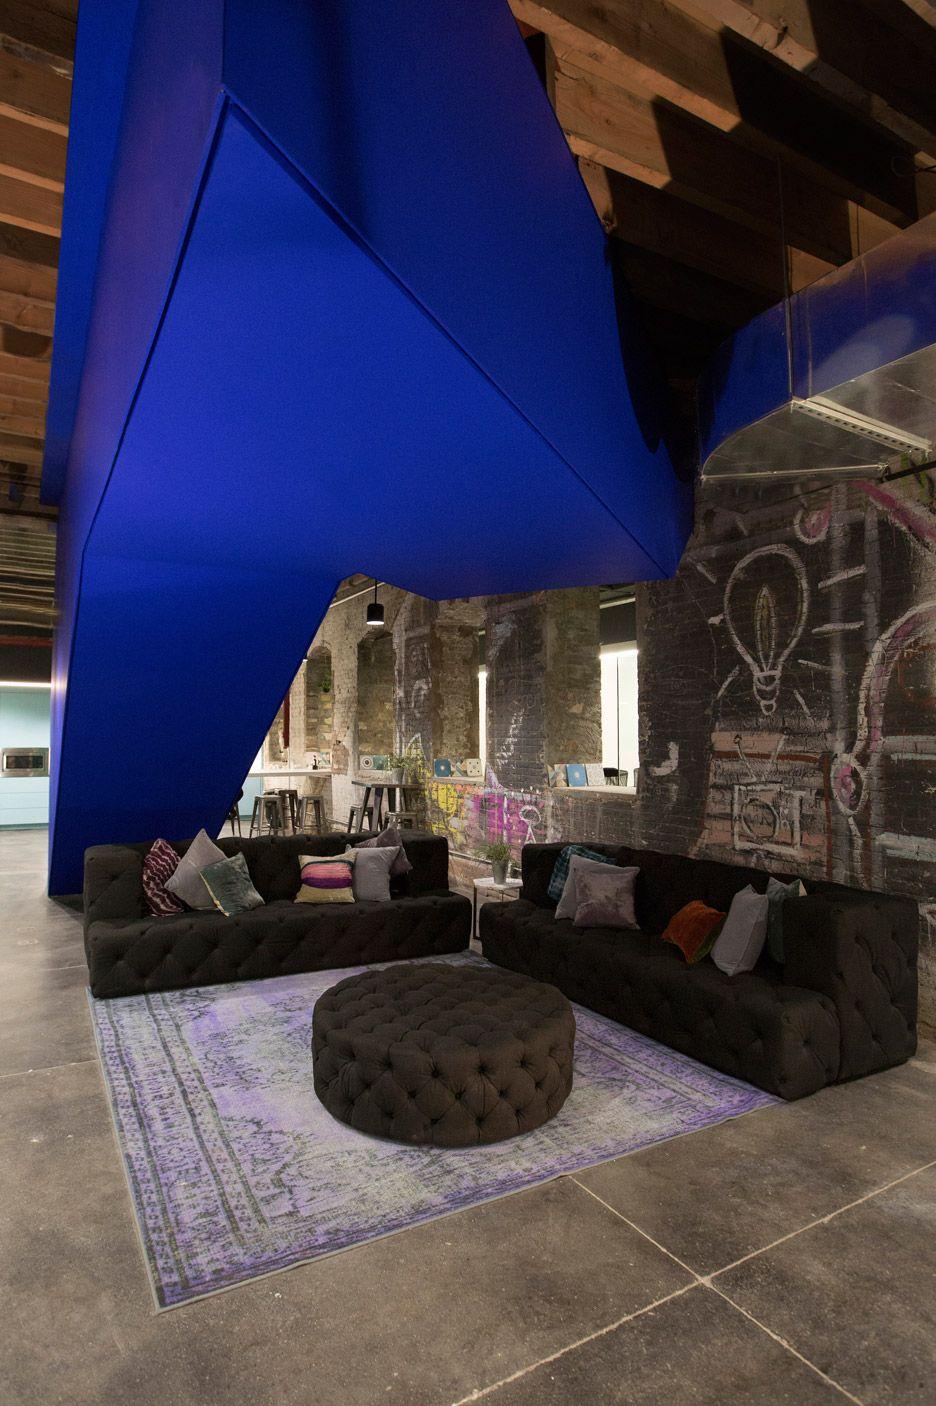 coworking-space-leeser-architecture-coworkrs-brooklyn-new-york-us_dezeen_936_4.jpg (936×1406)